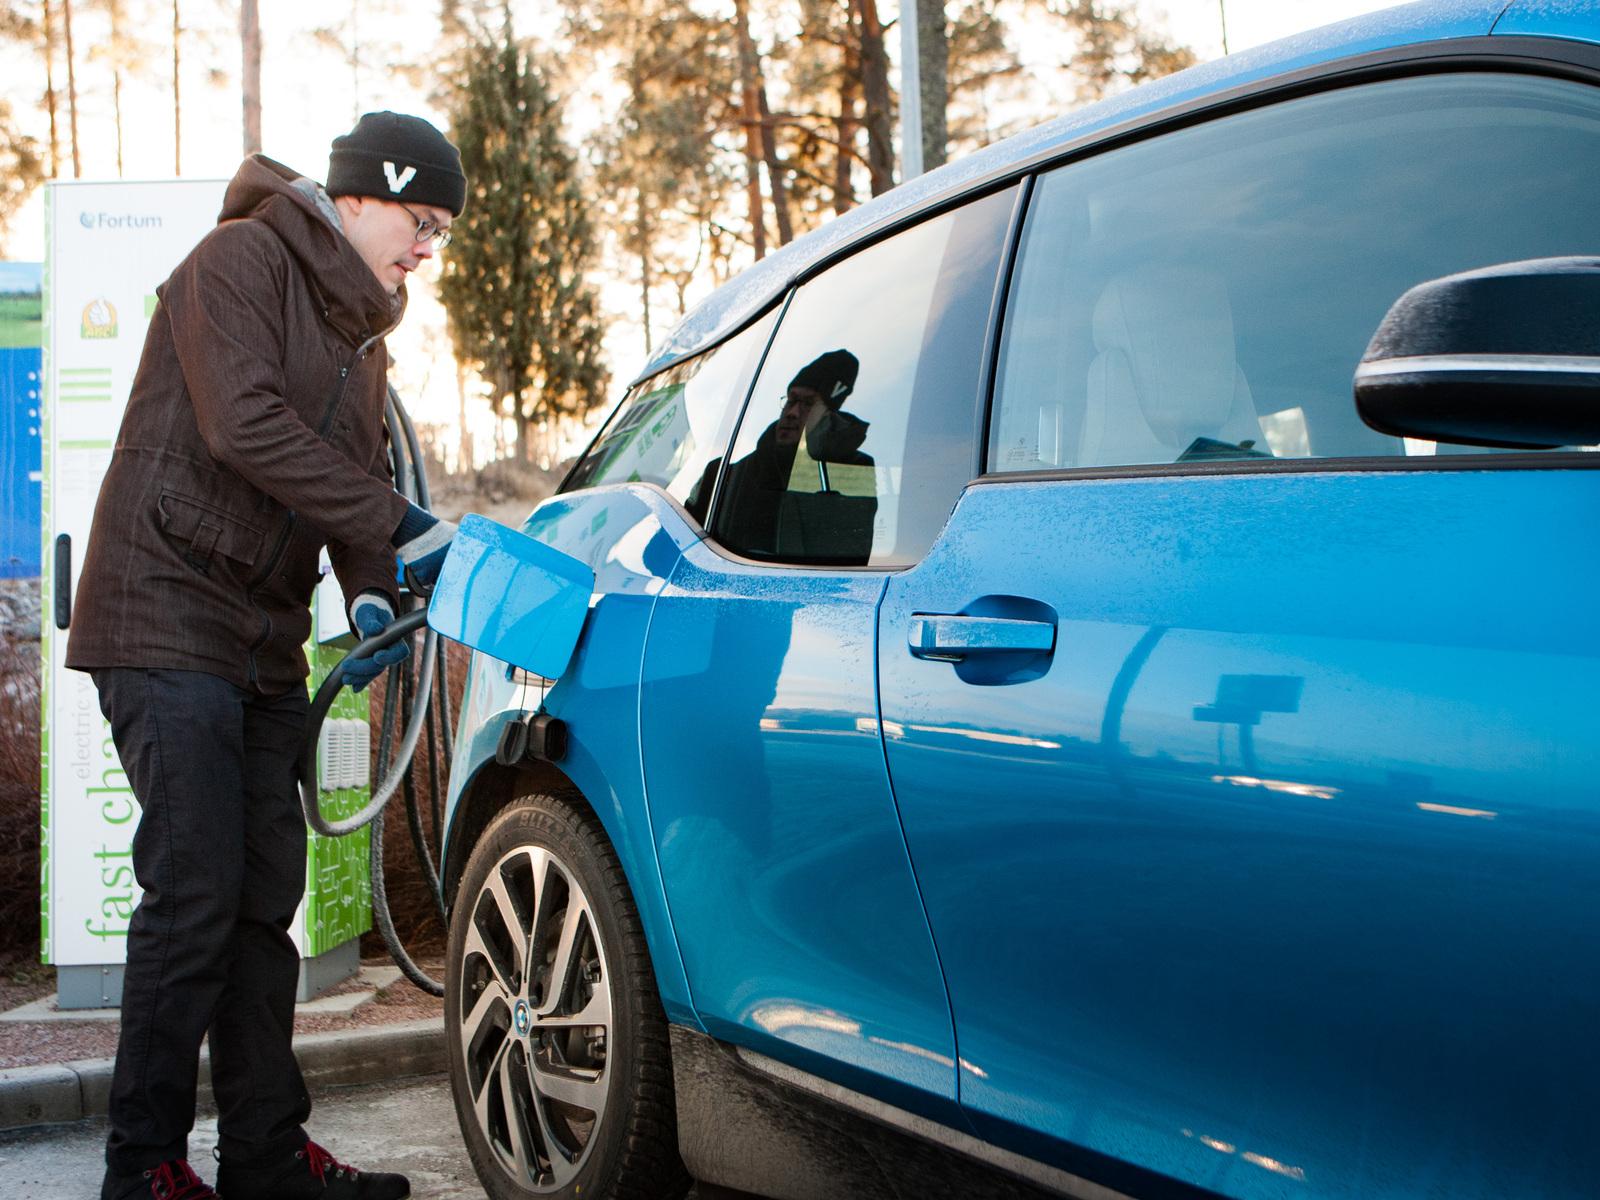 Sähköauto vs. polttomoottori: Ovatko sähköautot vain varakkaiden viherpesua?